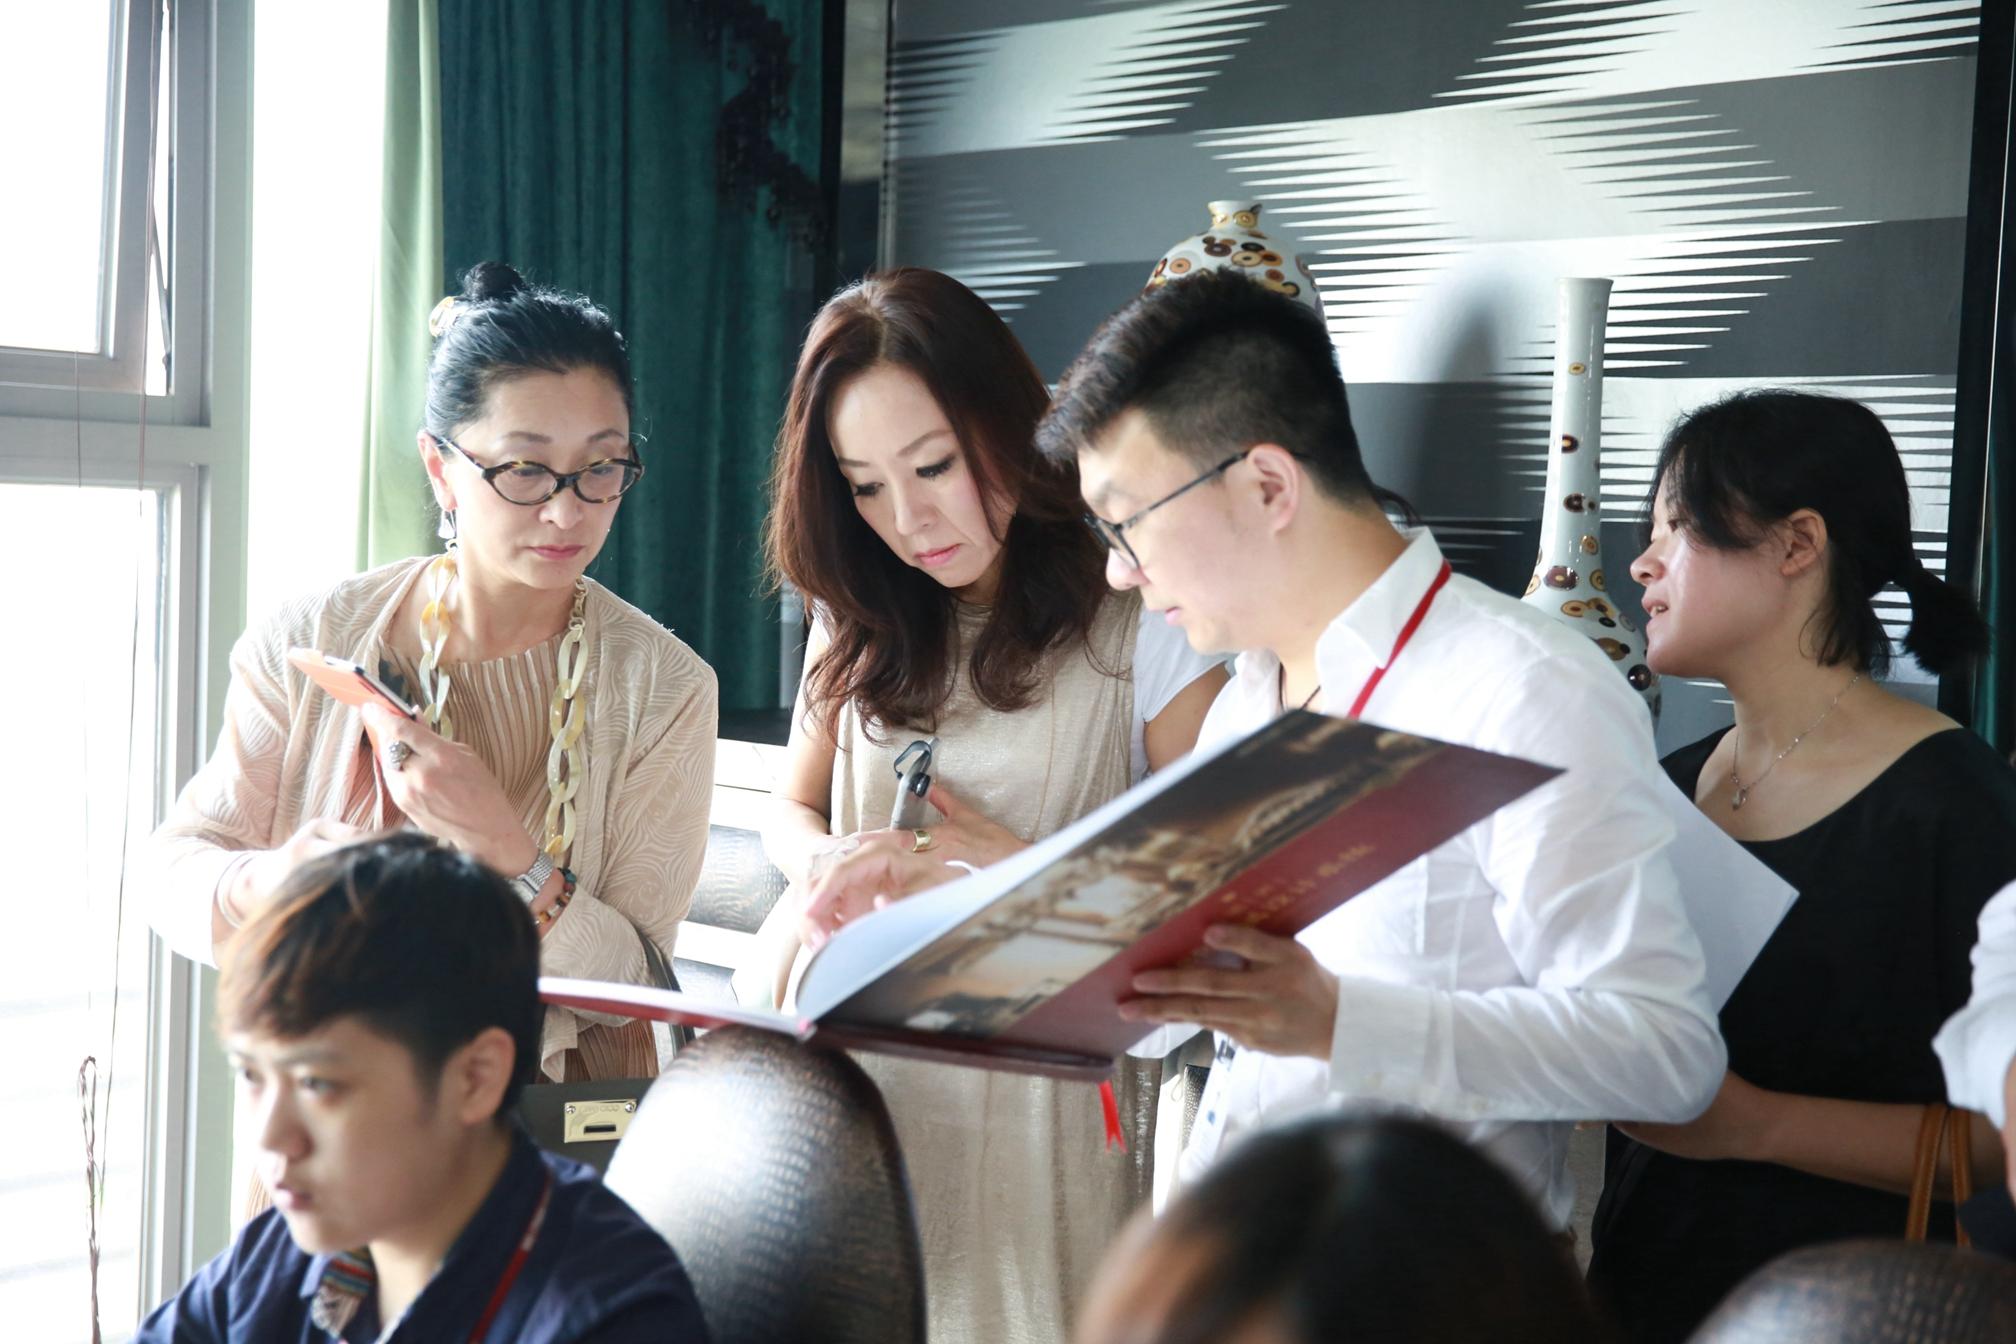 7、日本设计师参观兄弟创意设计研究院 (1).JPG